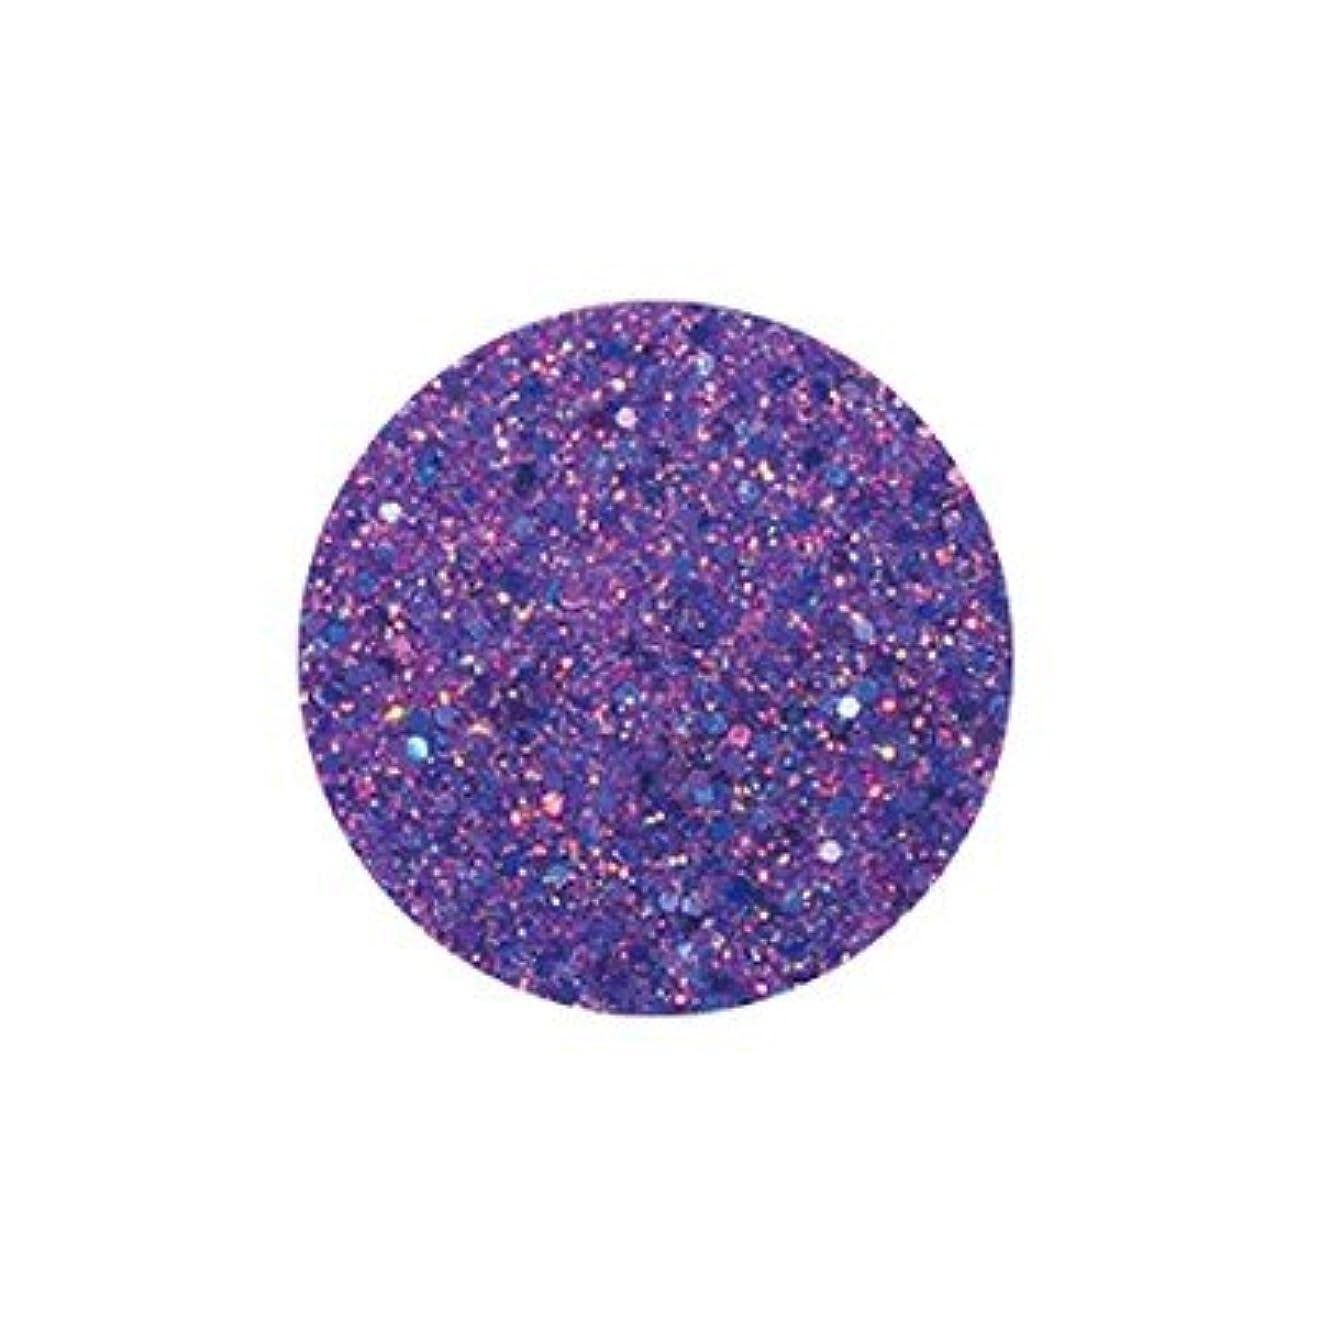 オークランド仲間、同僚不完全FANTASY NAIL ダイヤモンドコレクション 3g 4261XS カラーパウダー アート材